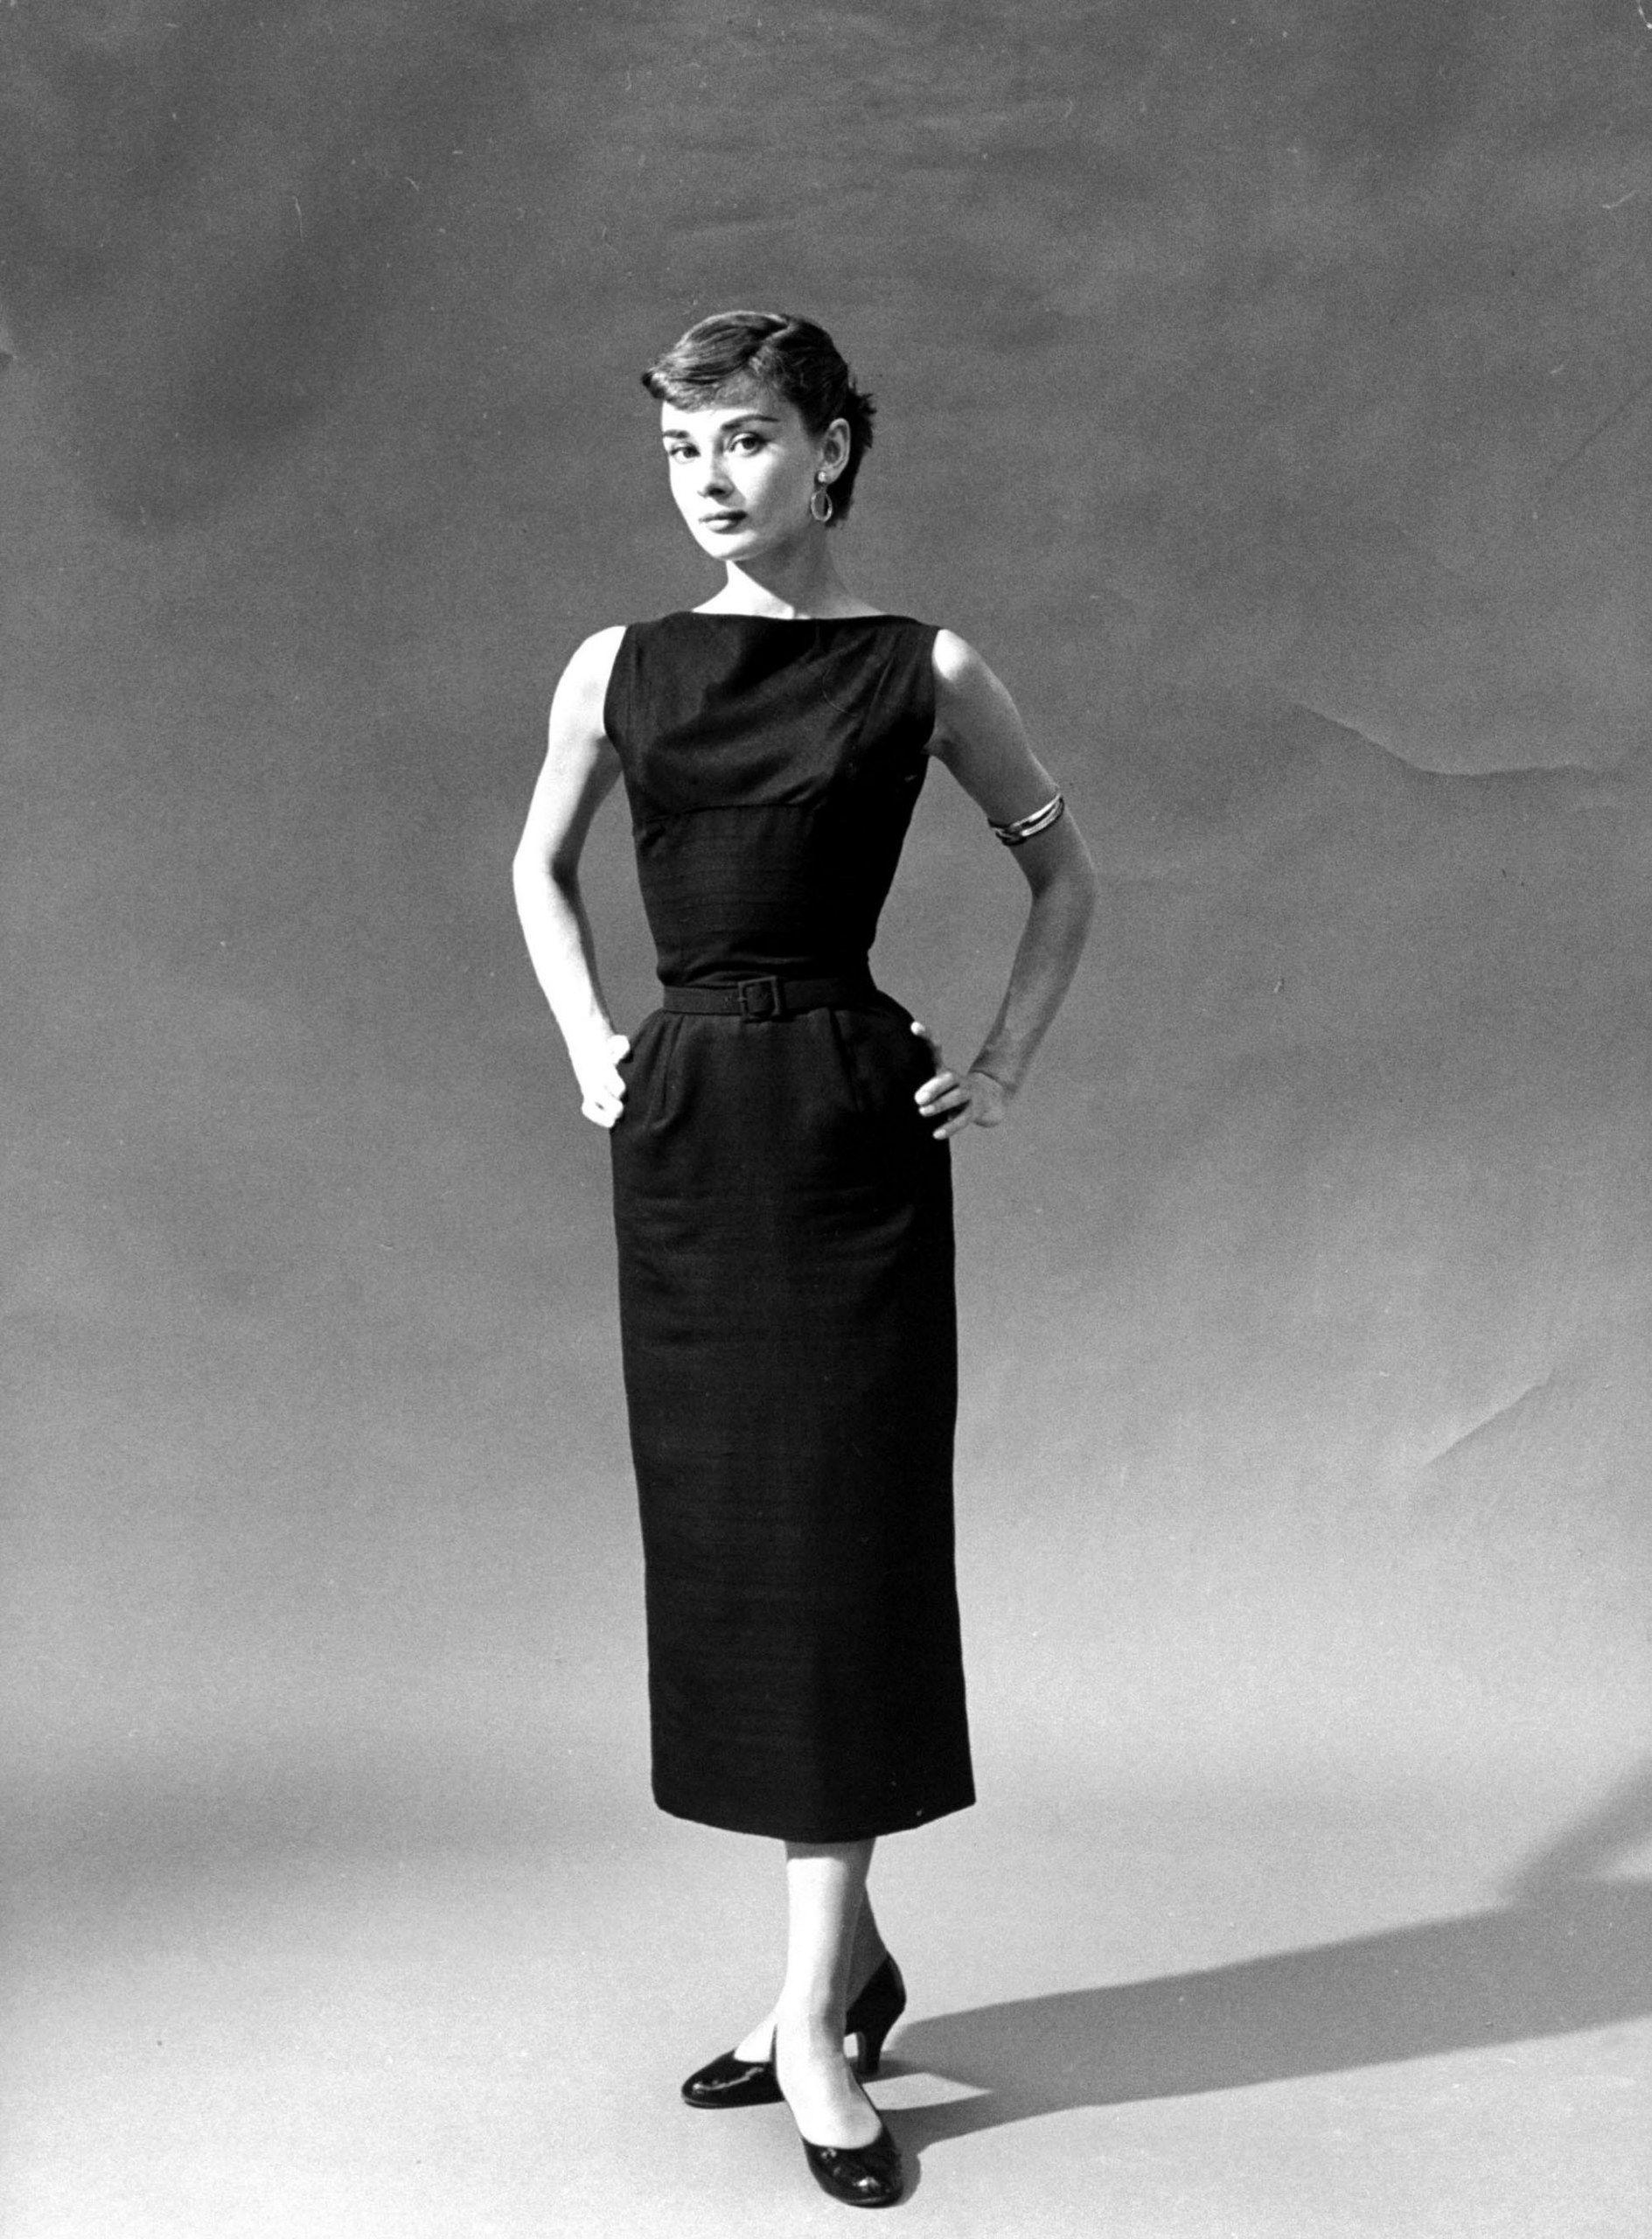 大成舞衣子电影_奥黛丽·赫本应该是穿小黑裙最优雅的女明星吧